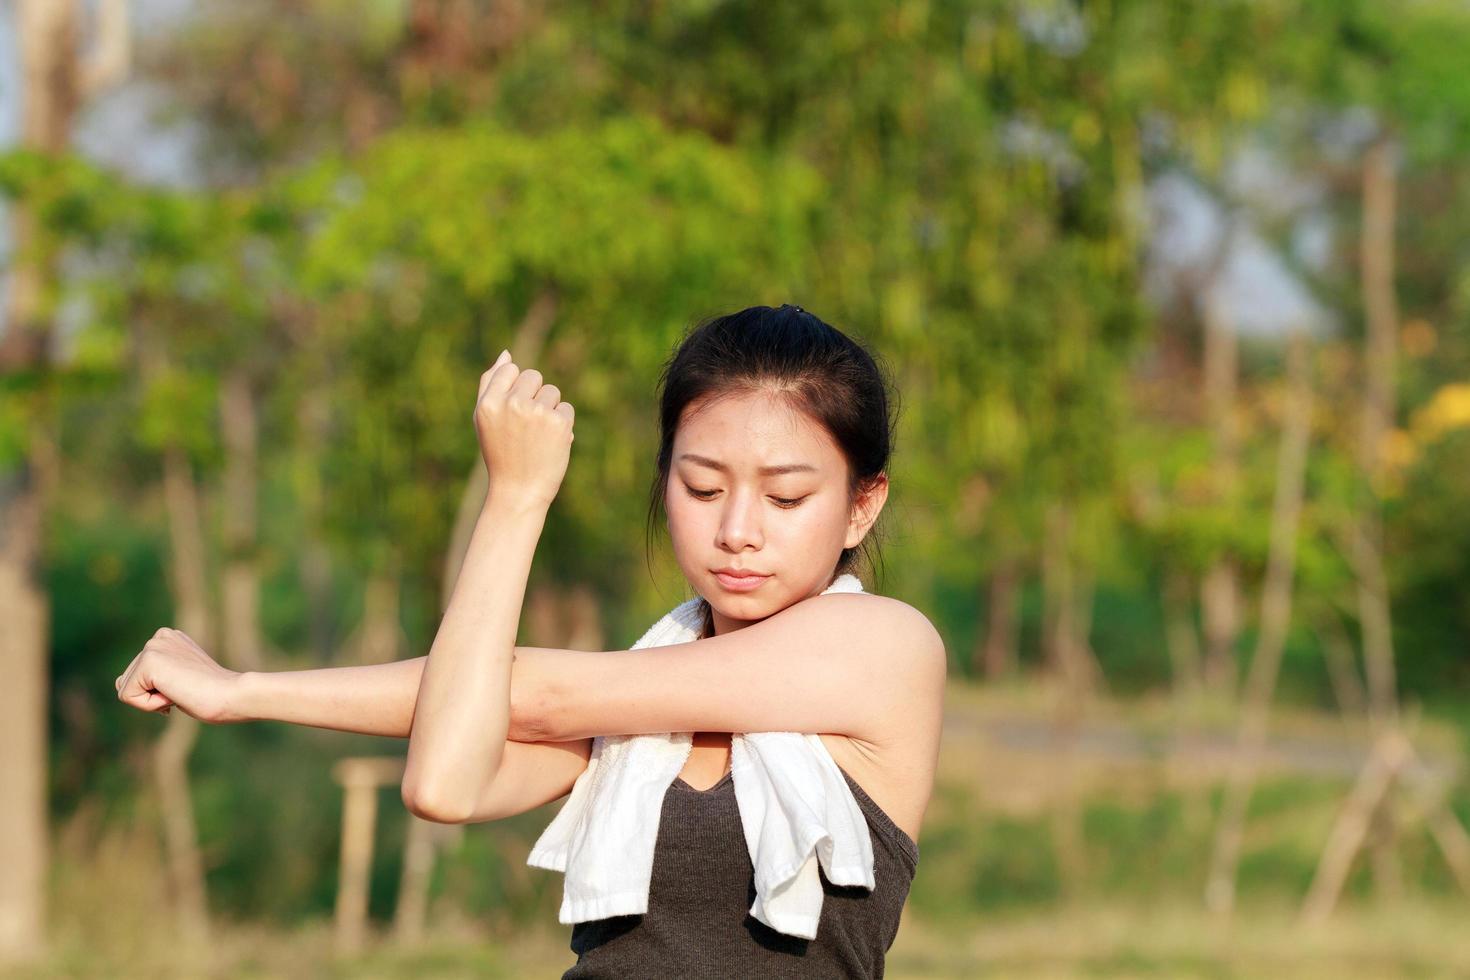 donna atletica in fase di riscaldamento foto